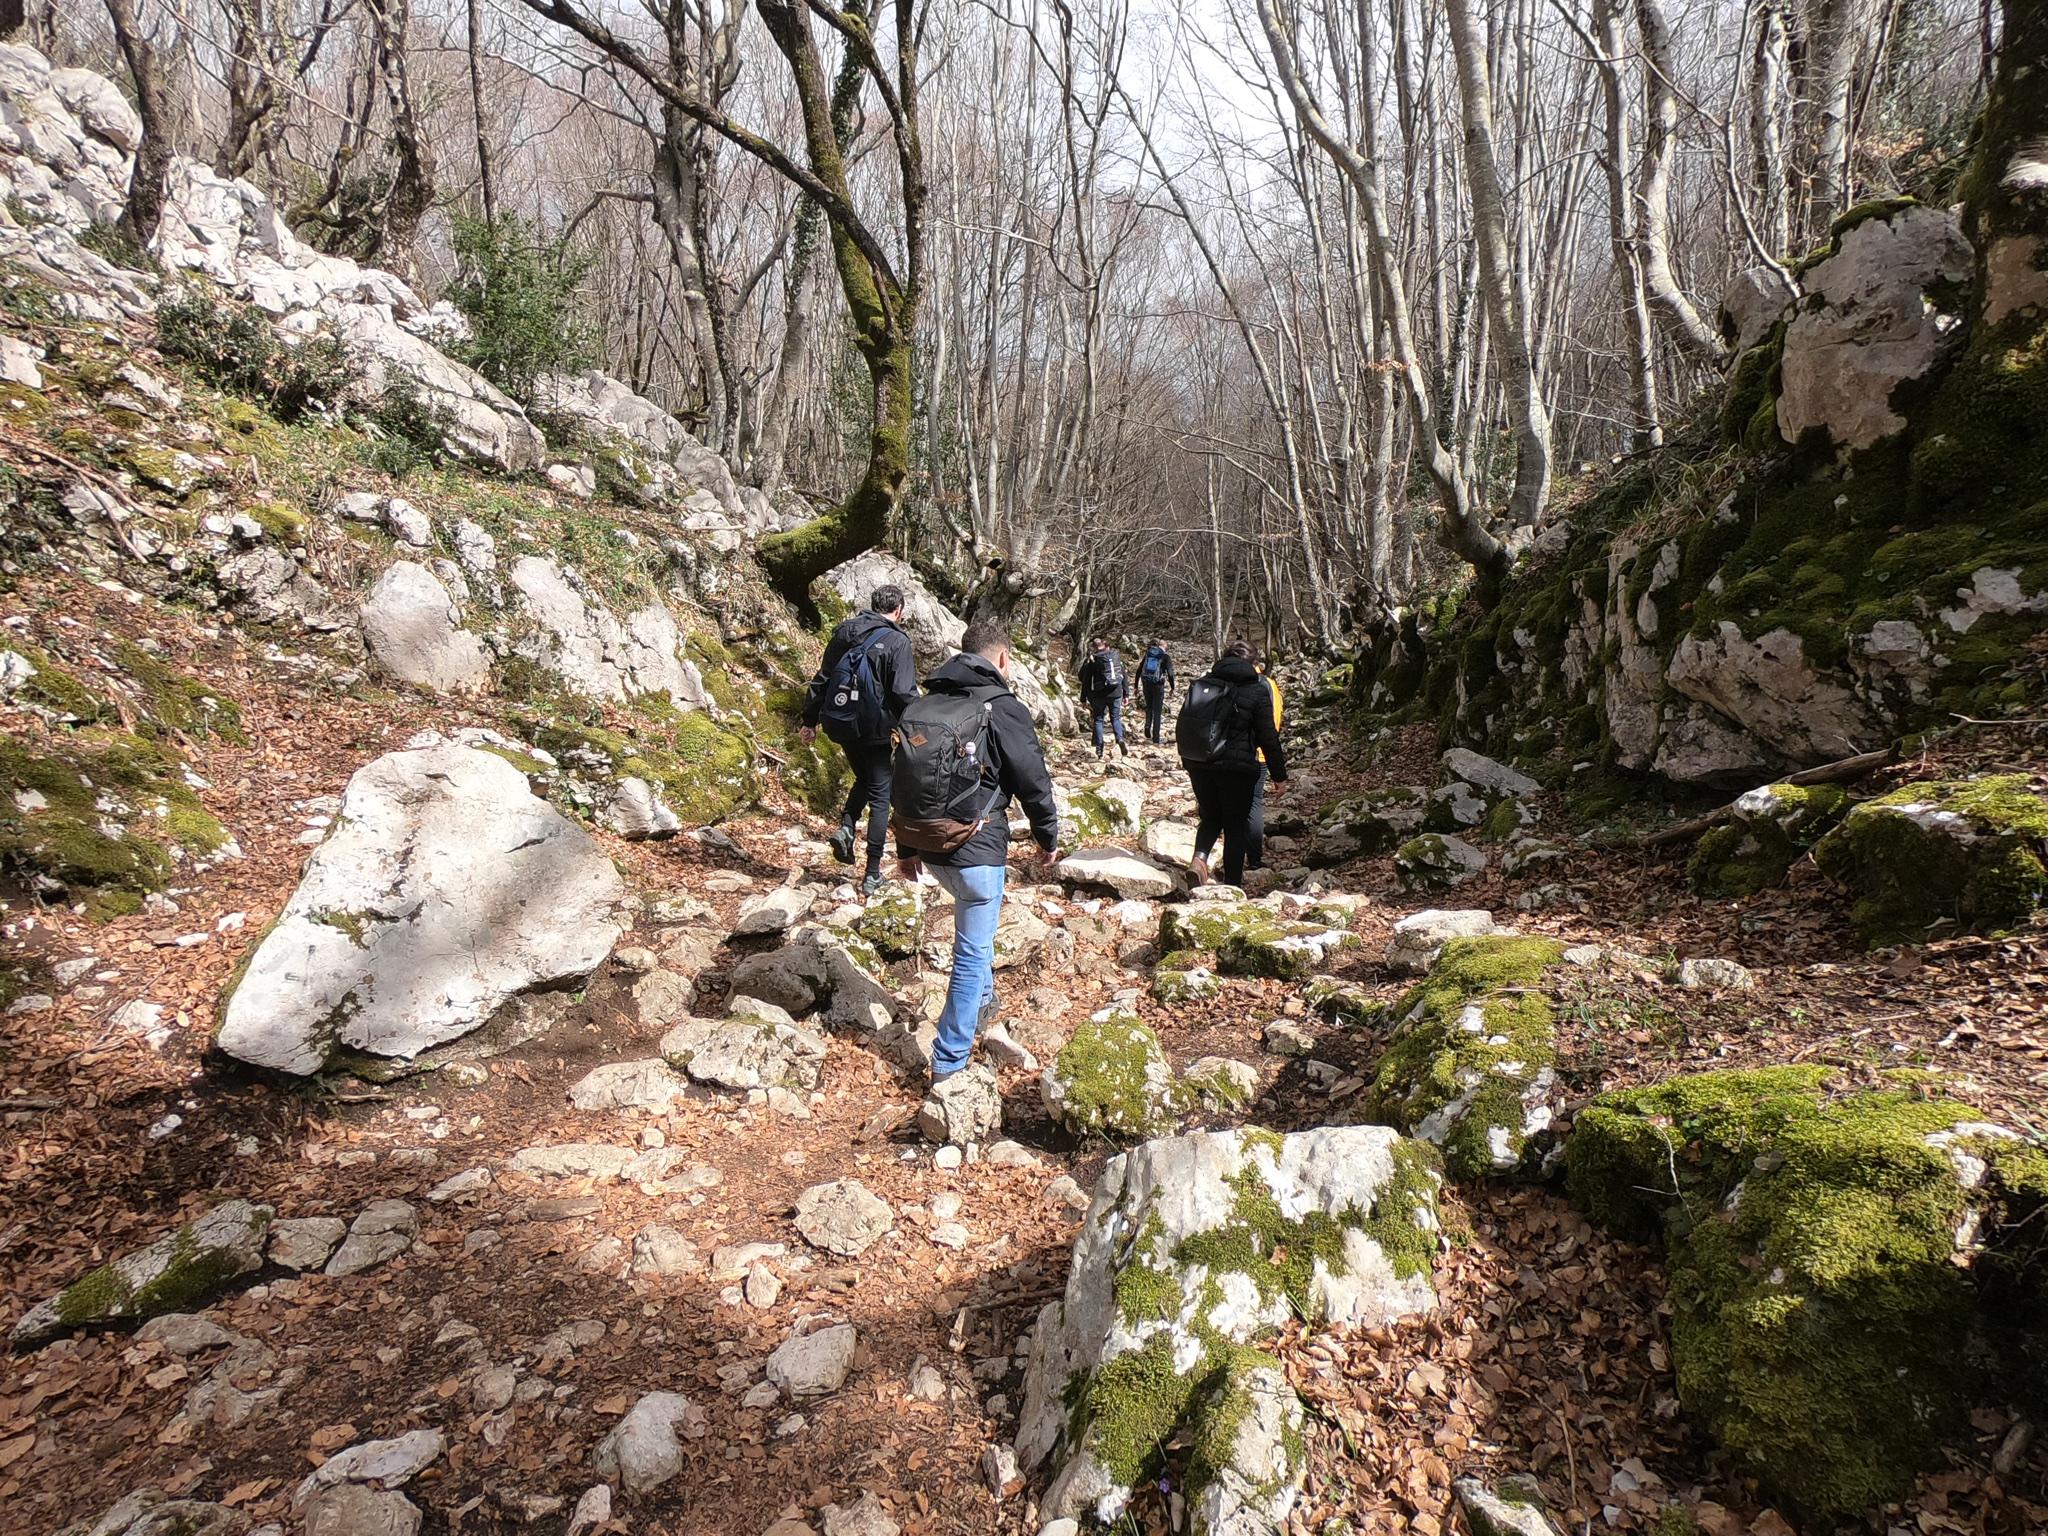 Il Monte Gennaro e il Nordic Walking sul Pratone @ Parco Regionale Dei Monti Lucretili